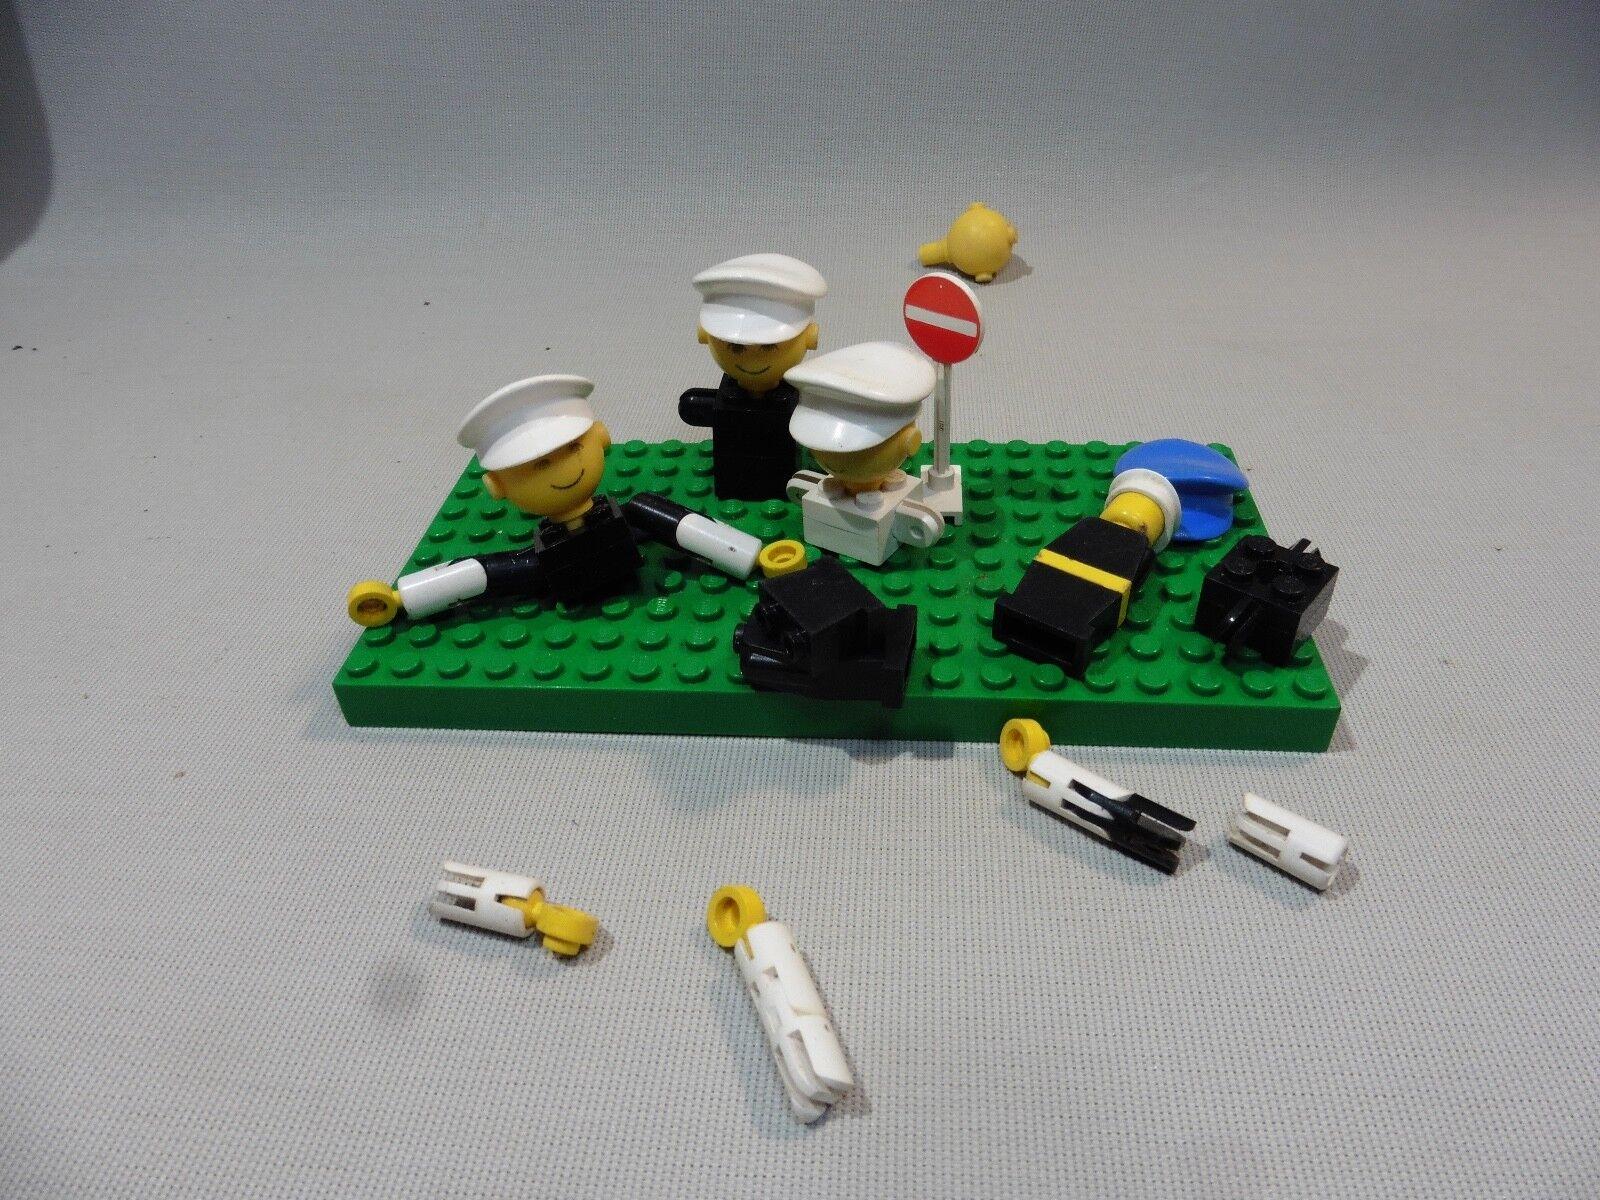 LOTE DE LEGO EN A GRANEL   VINTAGE VINTAGE VINTAGE   1970'S DE 1960   WINDOWS RUEDAS 2d14b5